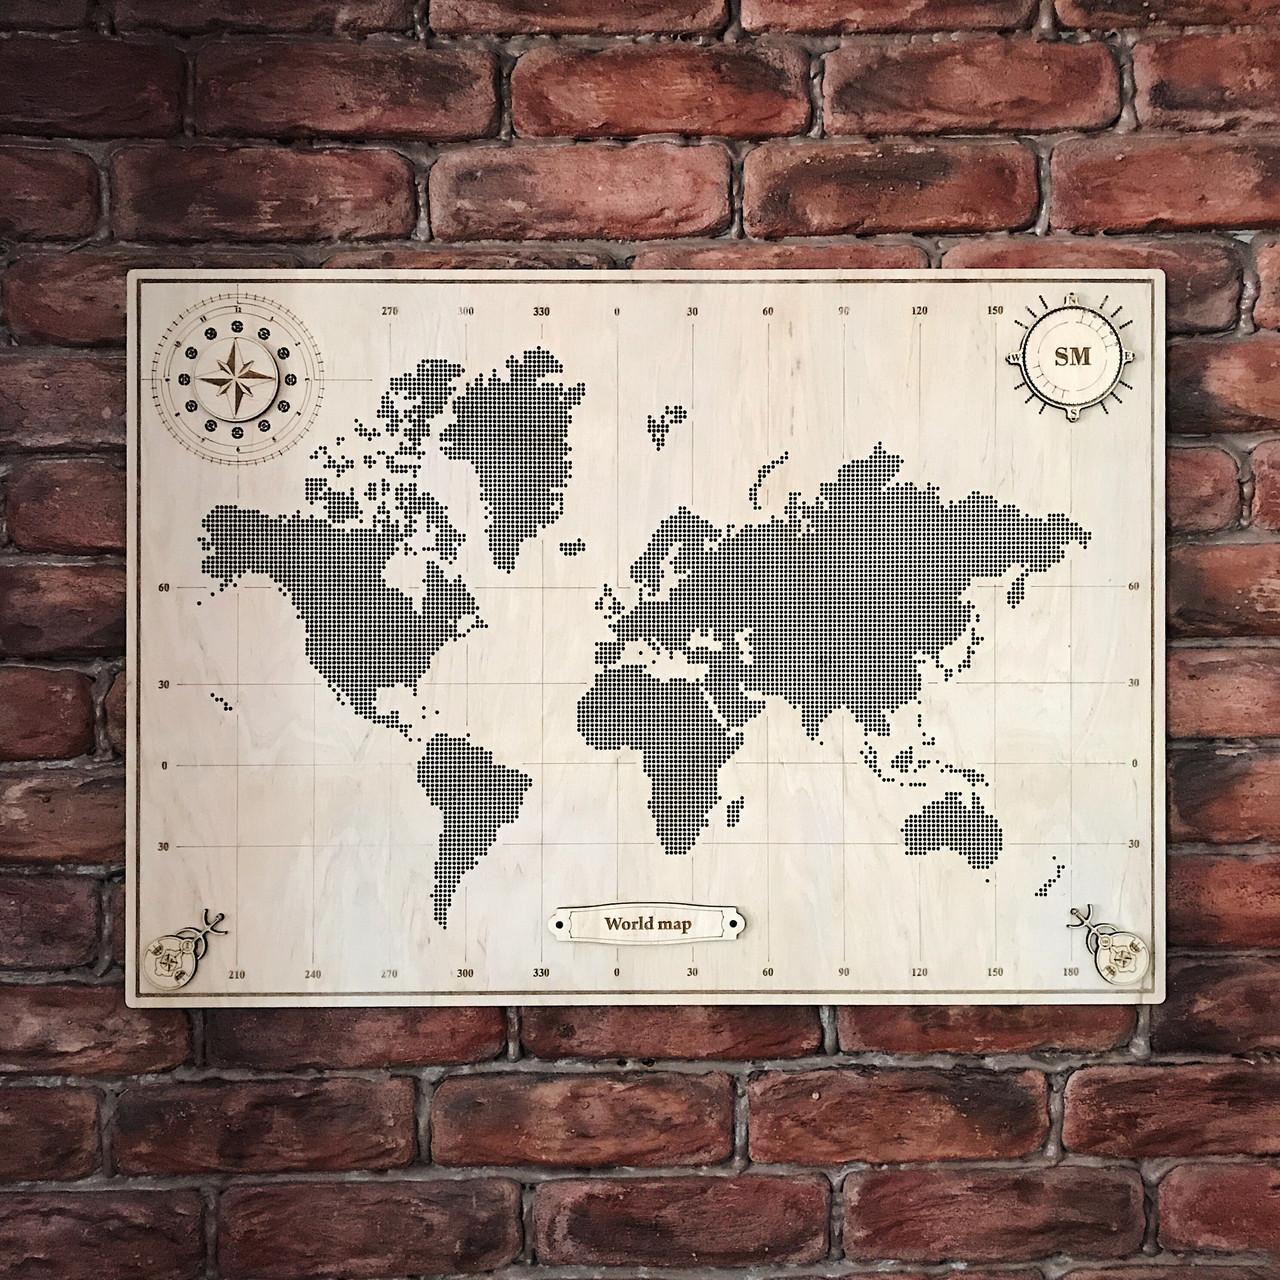 Карта світу з фанери, перфорована, декорована компасом 113*80 см